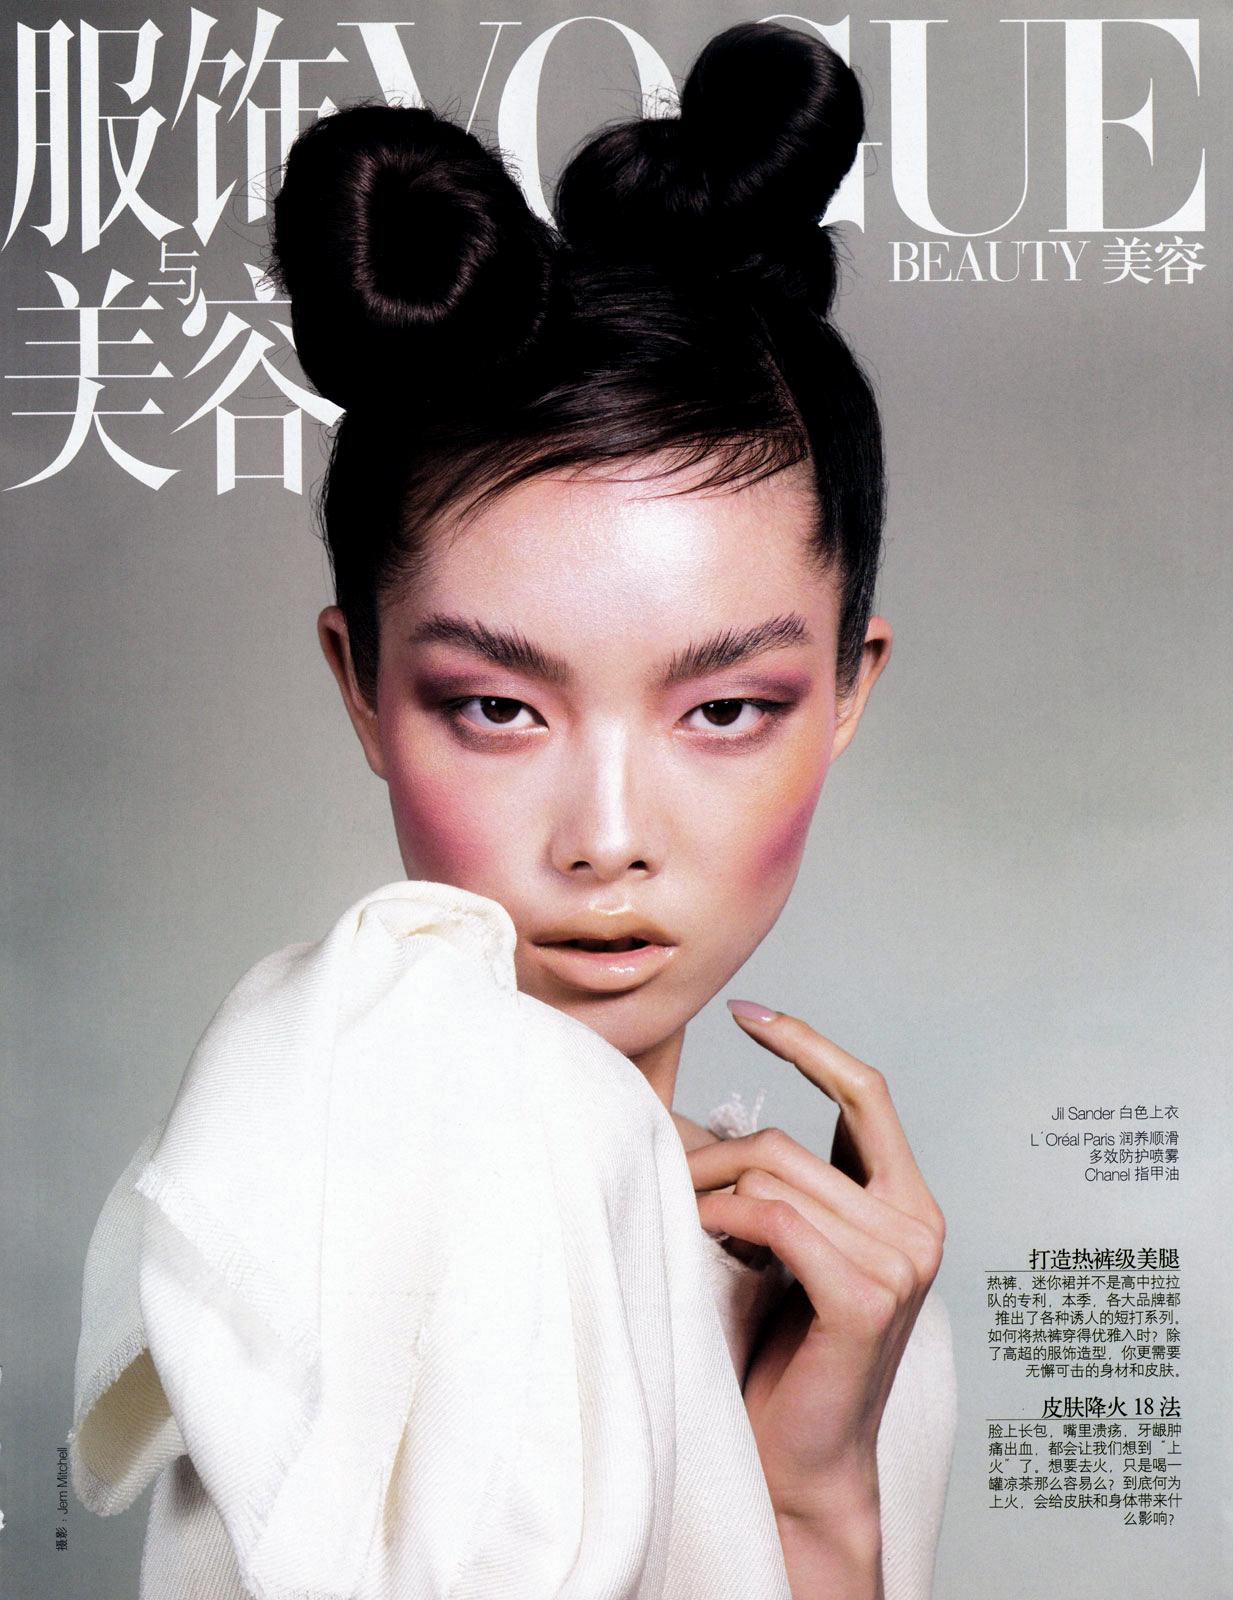 http://3.bp.blogspot.com/_m_3PqTnwV8k/S-rfReZd-7I/AAAAAAAAPe8/8WOXOqmVjEA/s1600/Sun+FeiFei+-+Vogue+China+June+2010+-+1.jpg